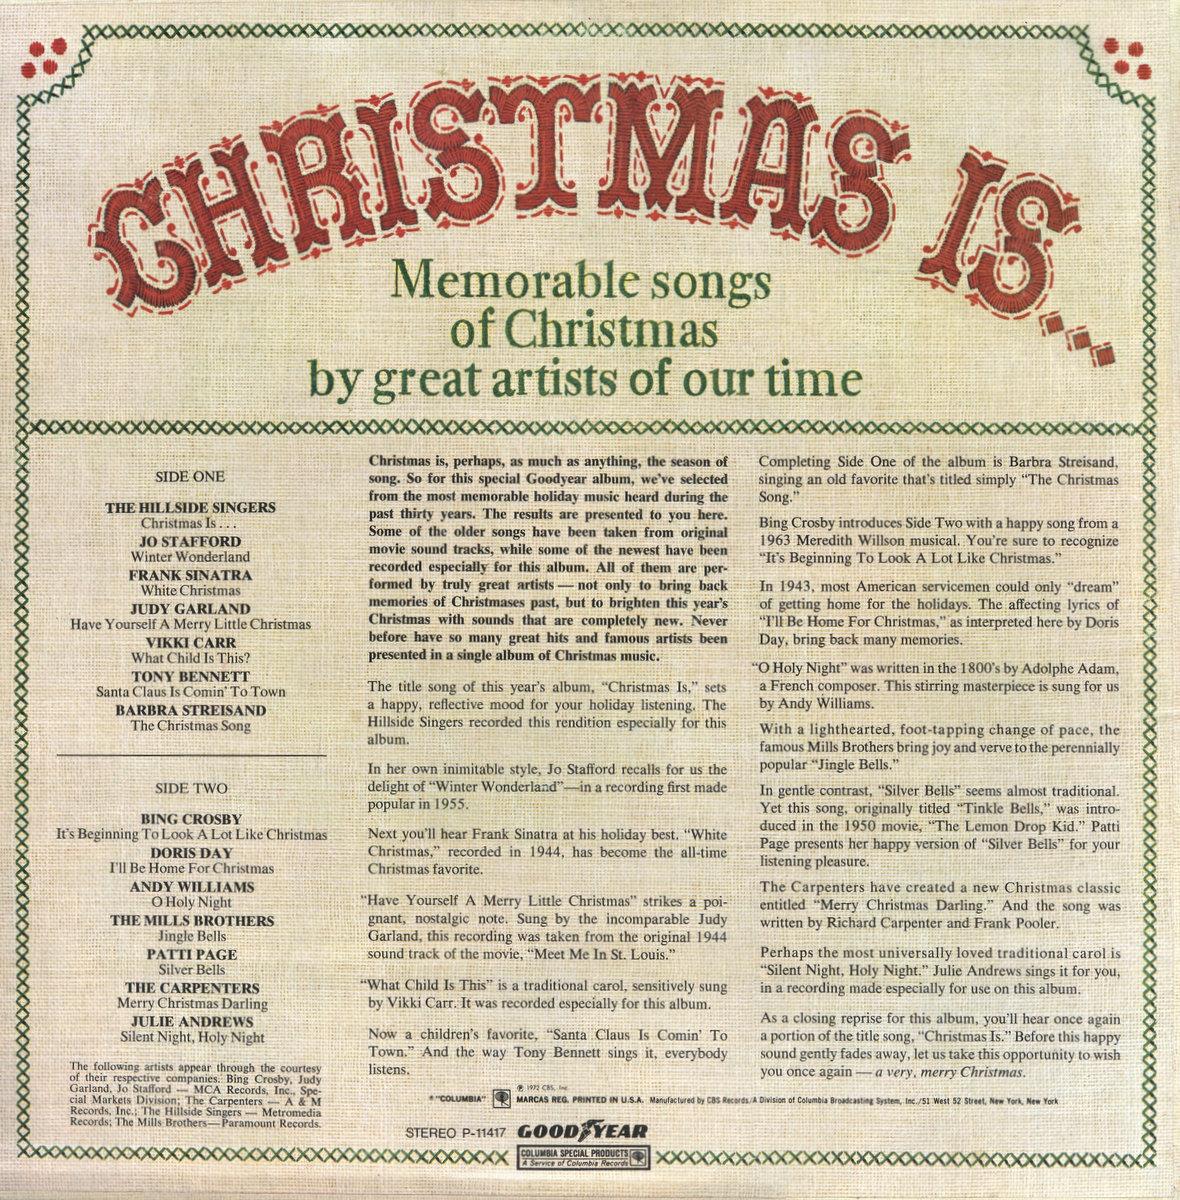 Great Songs Of Christmas Volume 12 – ultramaroon